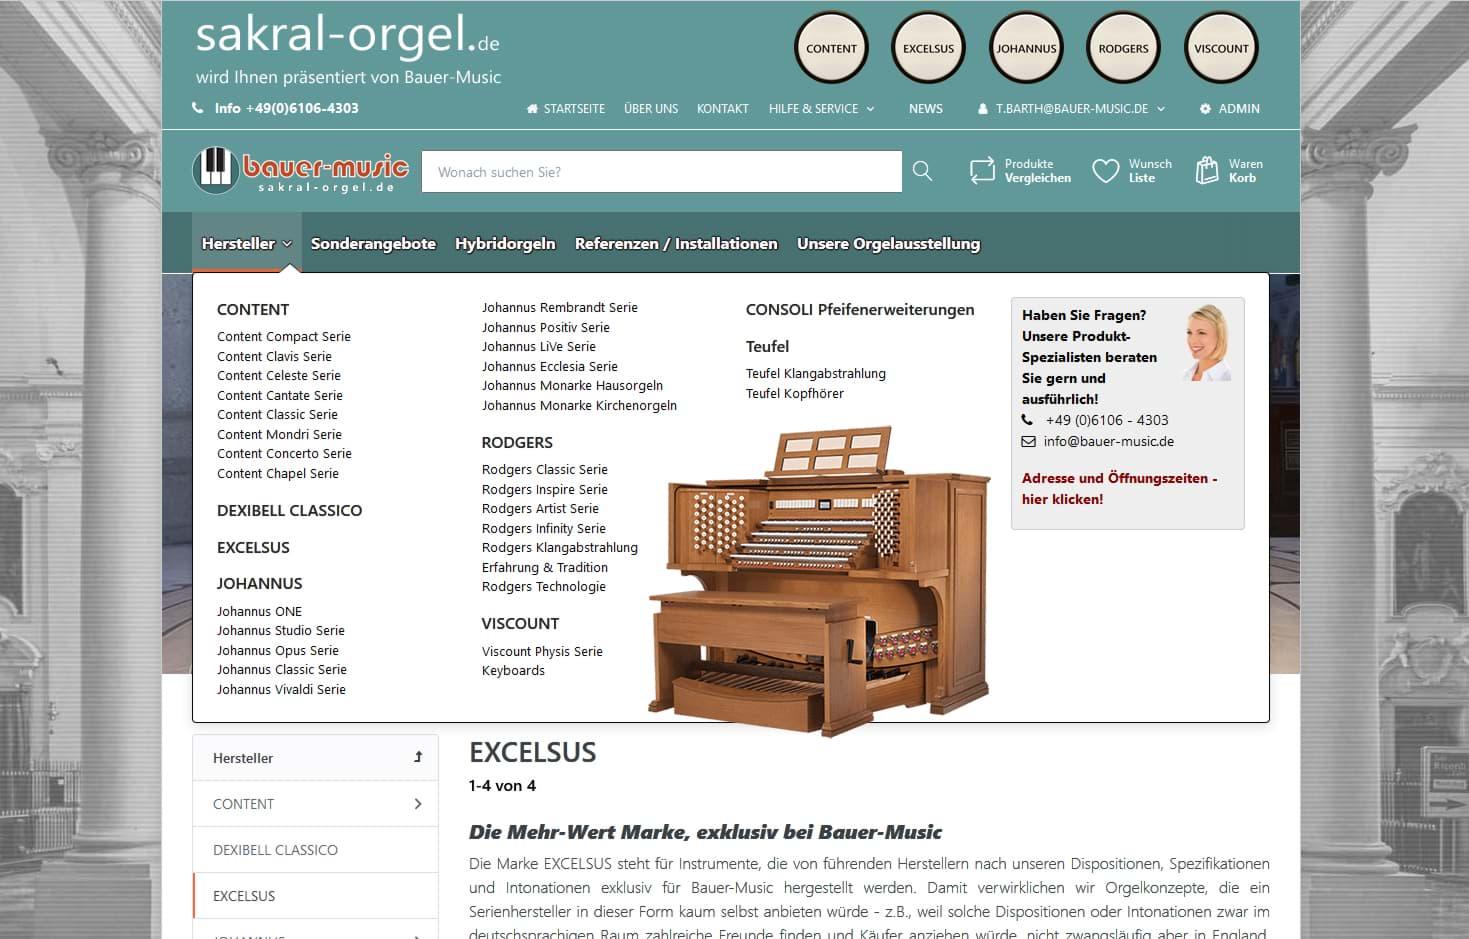 Hier geht es zu unserer Webseite sakral-orgel.de